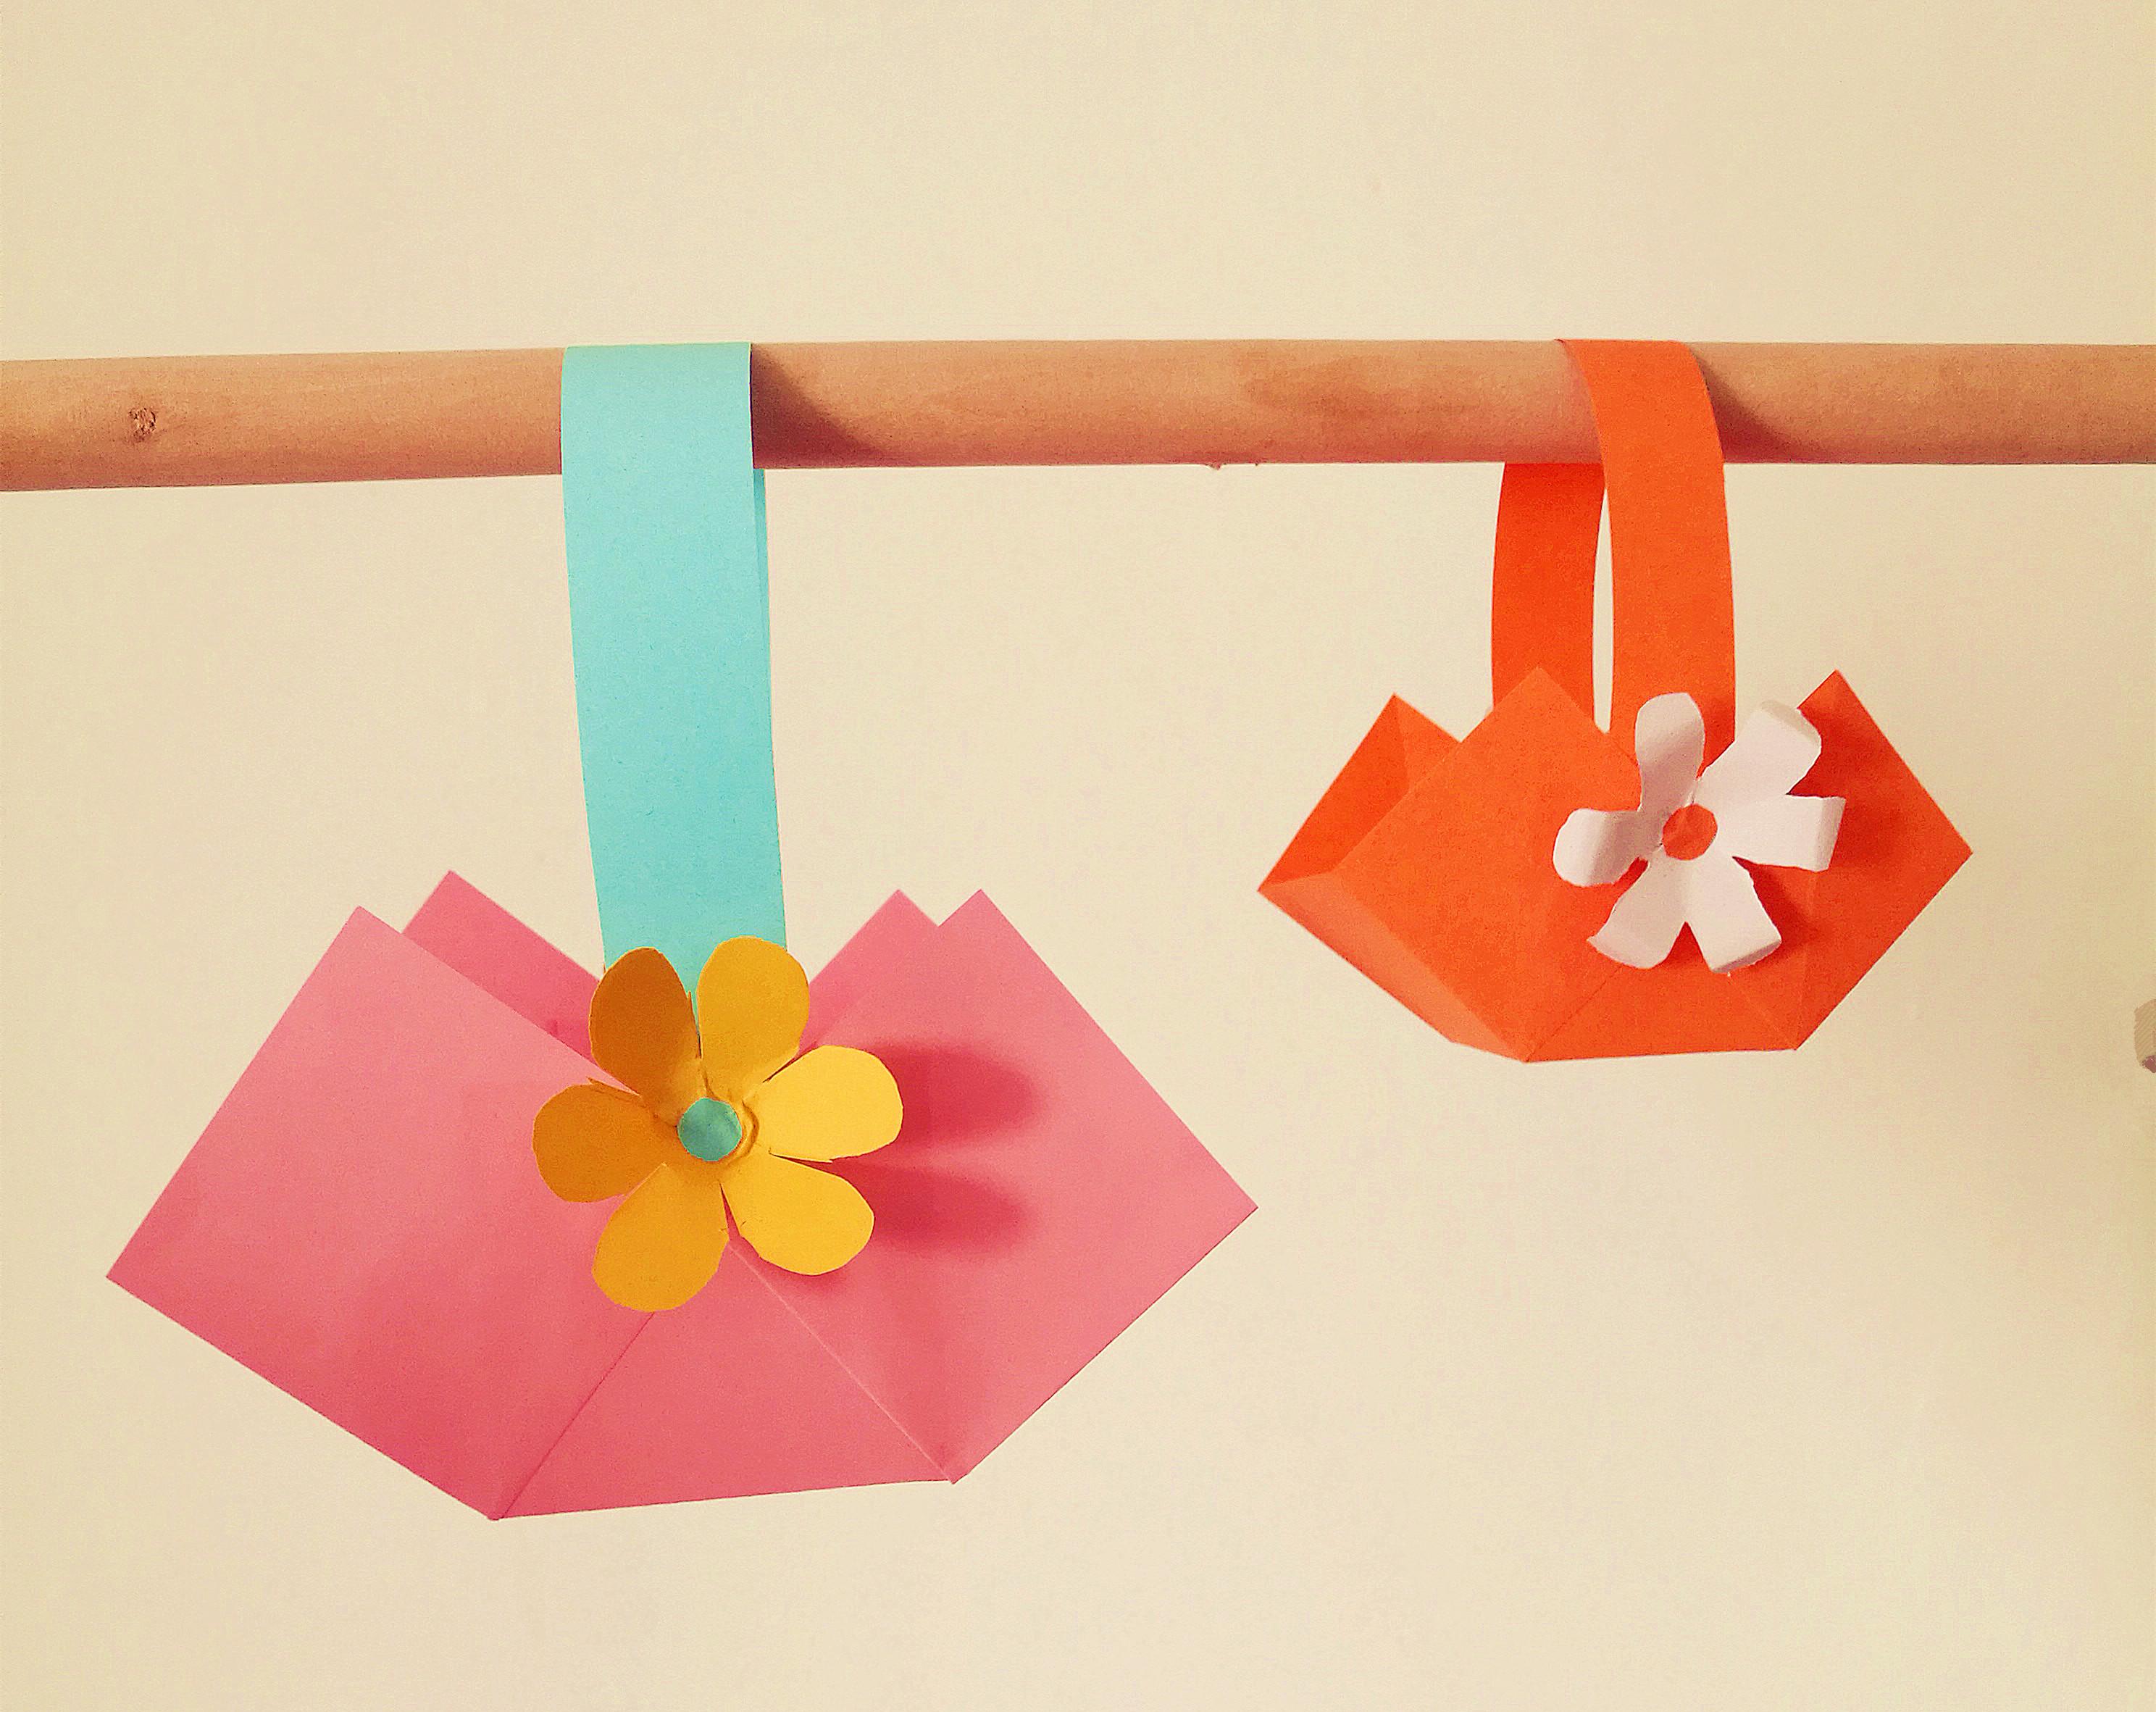 简单卡纸小手工,用彩色卡纸做小篮子,非常好做的小制作,有教程